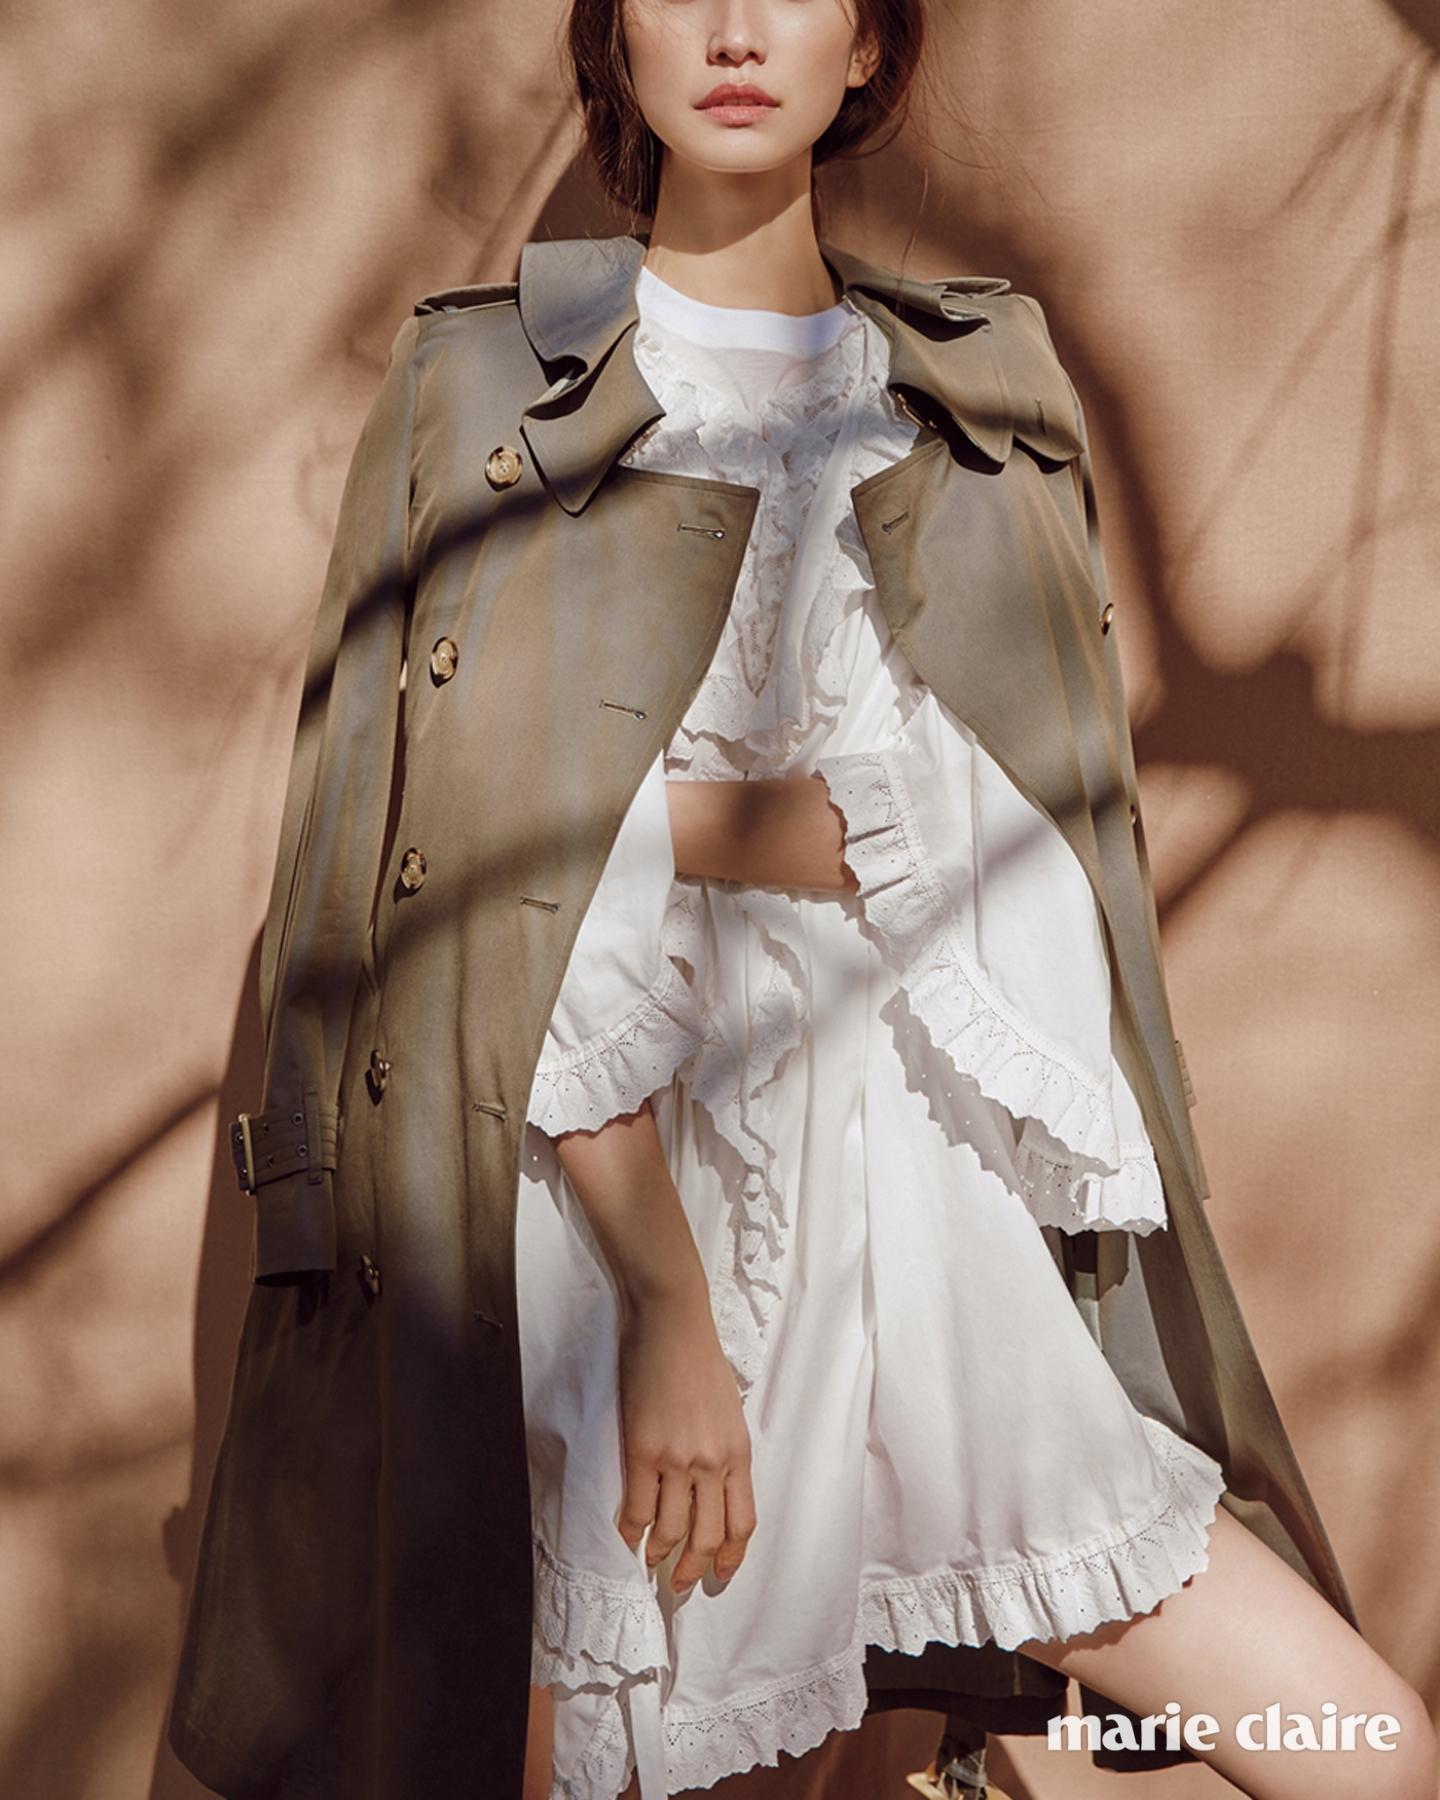 러플 칼라가 여성스러운 트로피컬 개버딘 트렌치코트, 코튼 러플 톱과 미니드레스모두 버버리(Burberry).